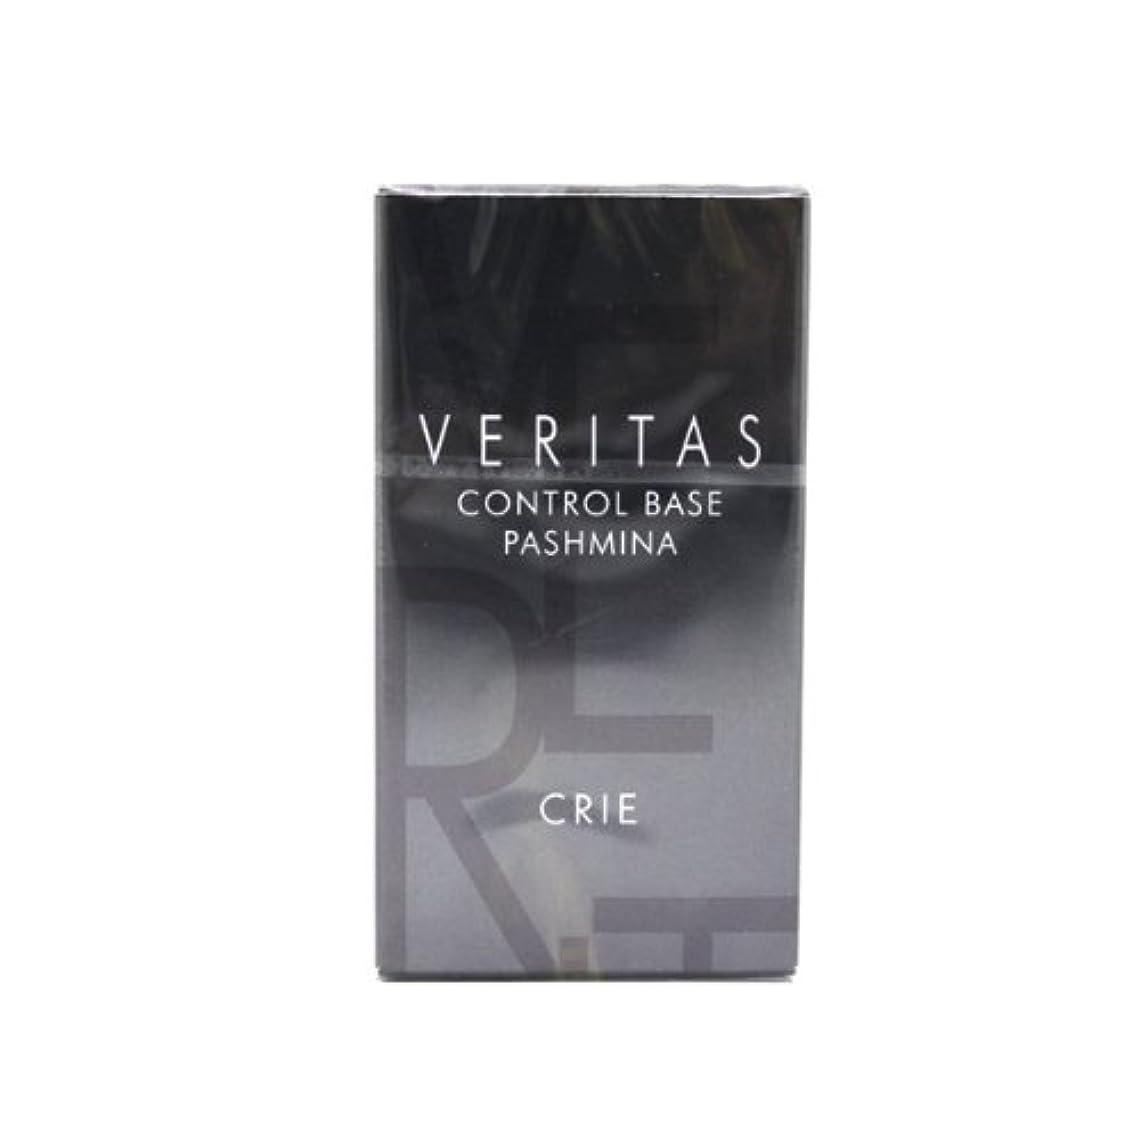 スラック保守的悪用CRIE(クリエ) ヴェリタス コントロールベース パシュミナ 051 オレンジ 30ml